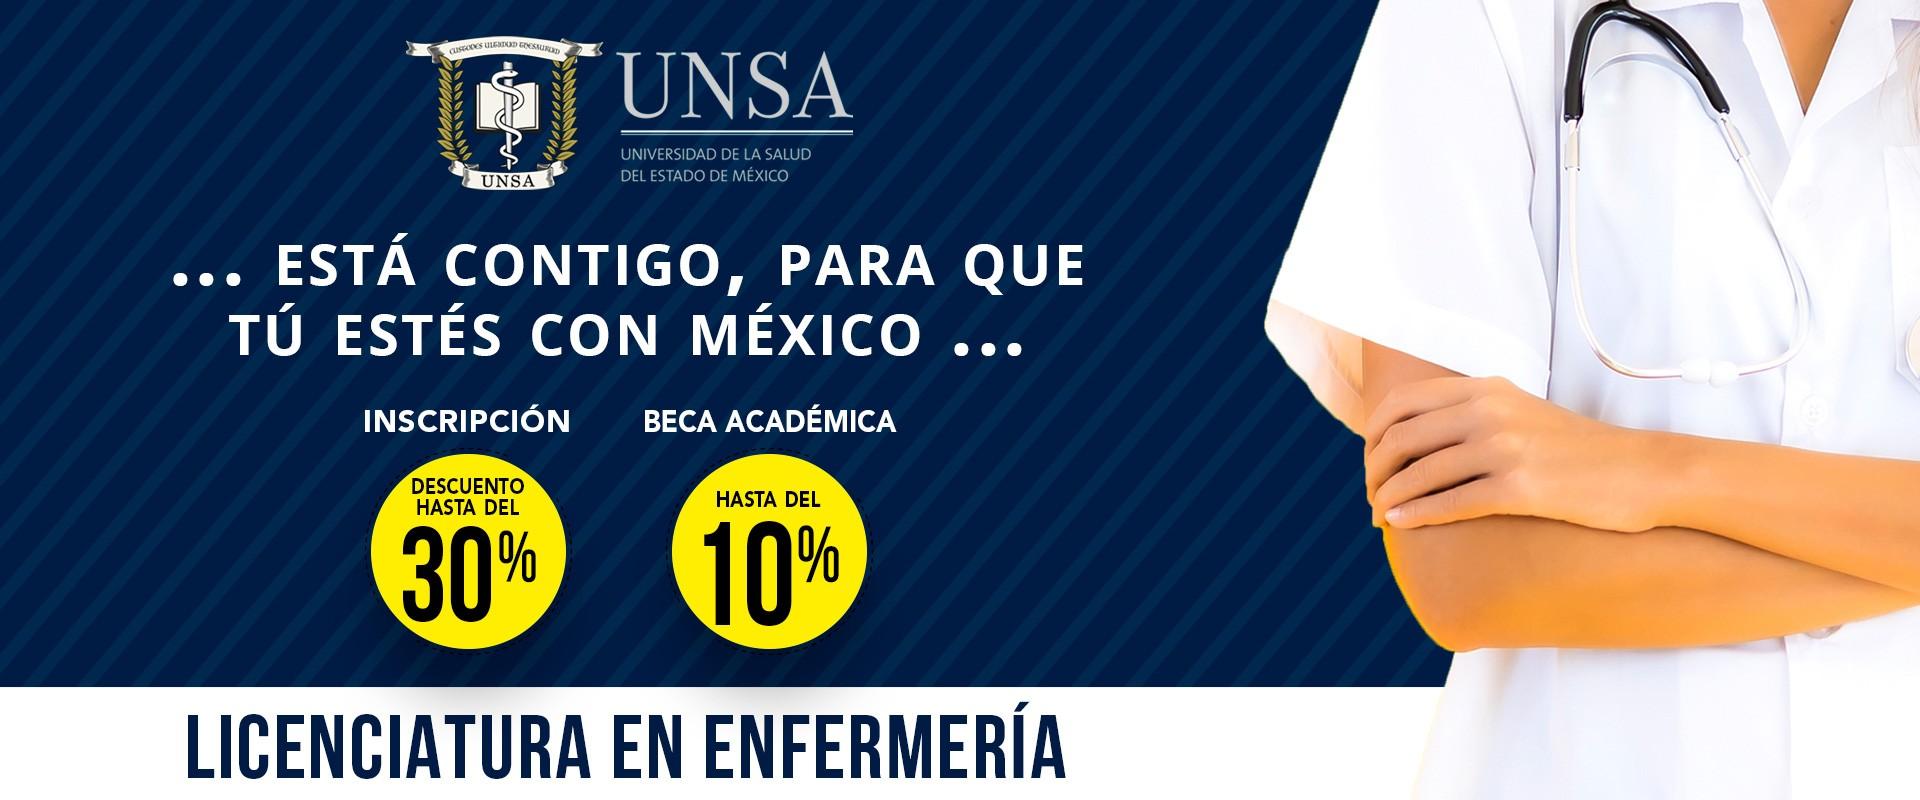 UNSA - Licenciatura de Enfermería